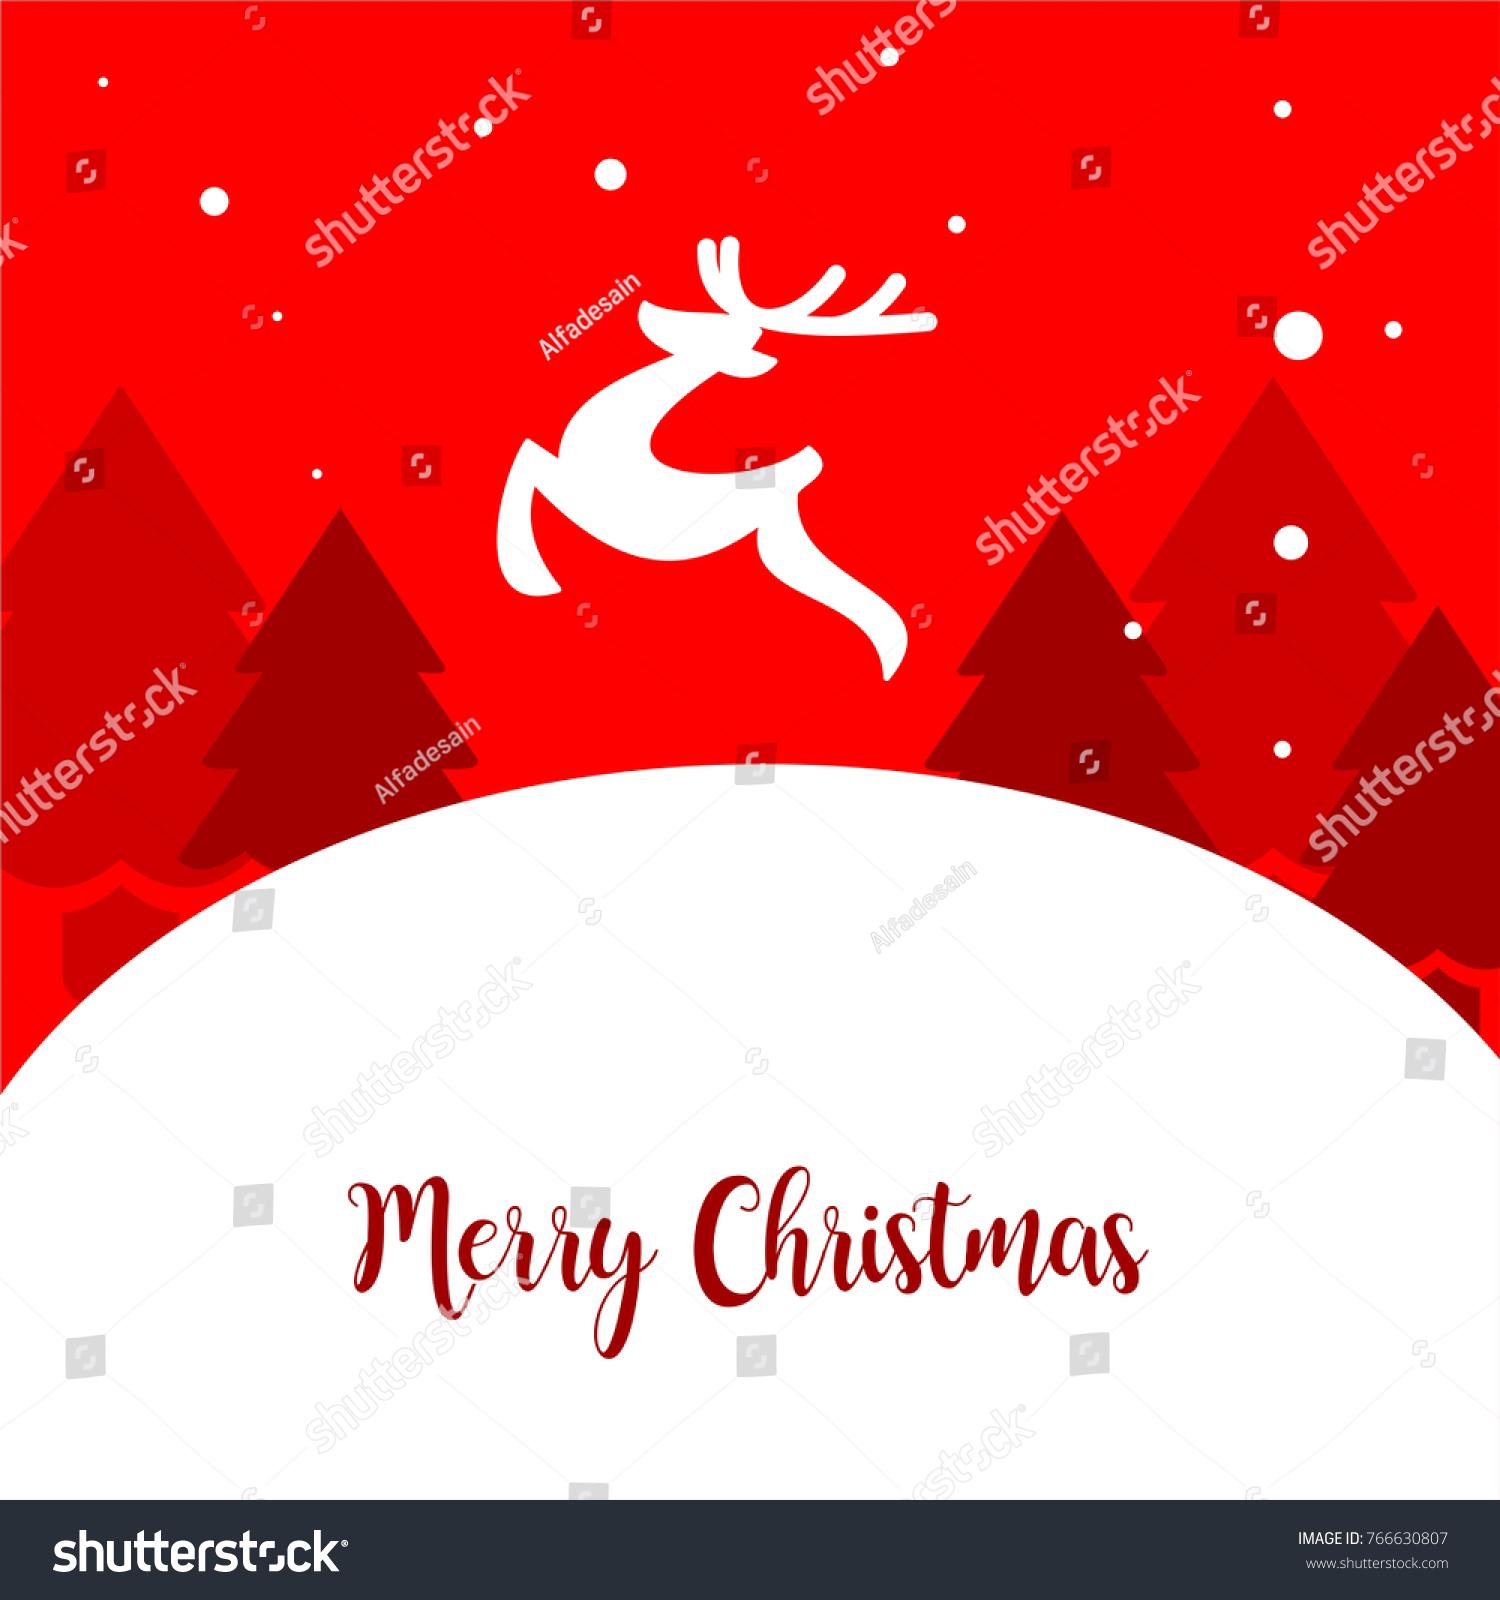 Christmas card designs vector stock vector 766630807 shutterstock christmas card designs vector m4hsunfo